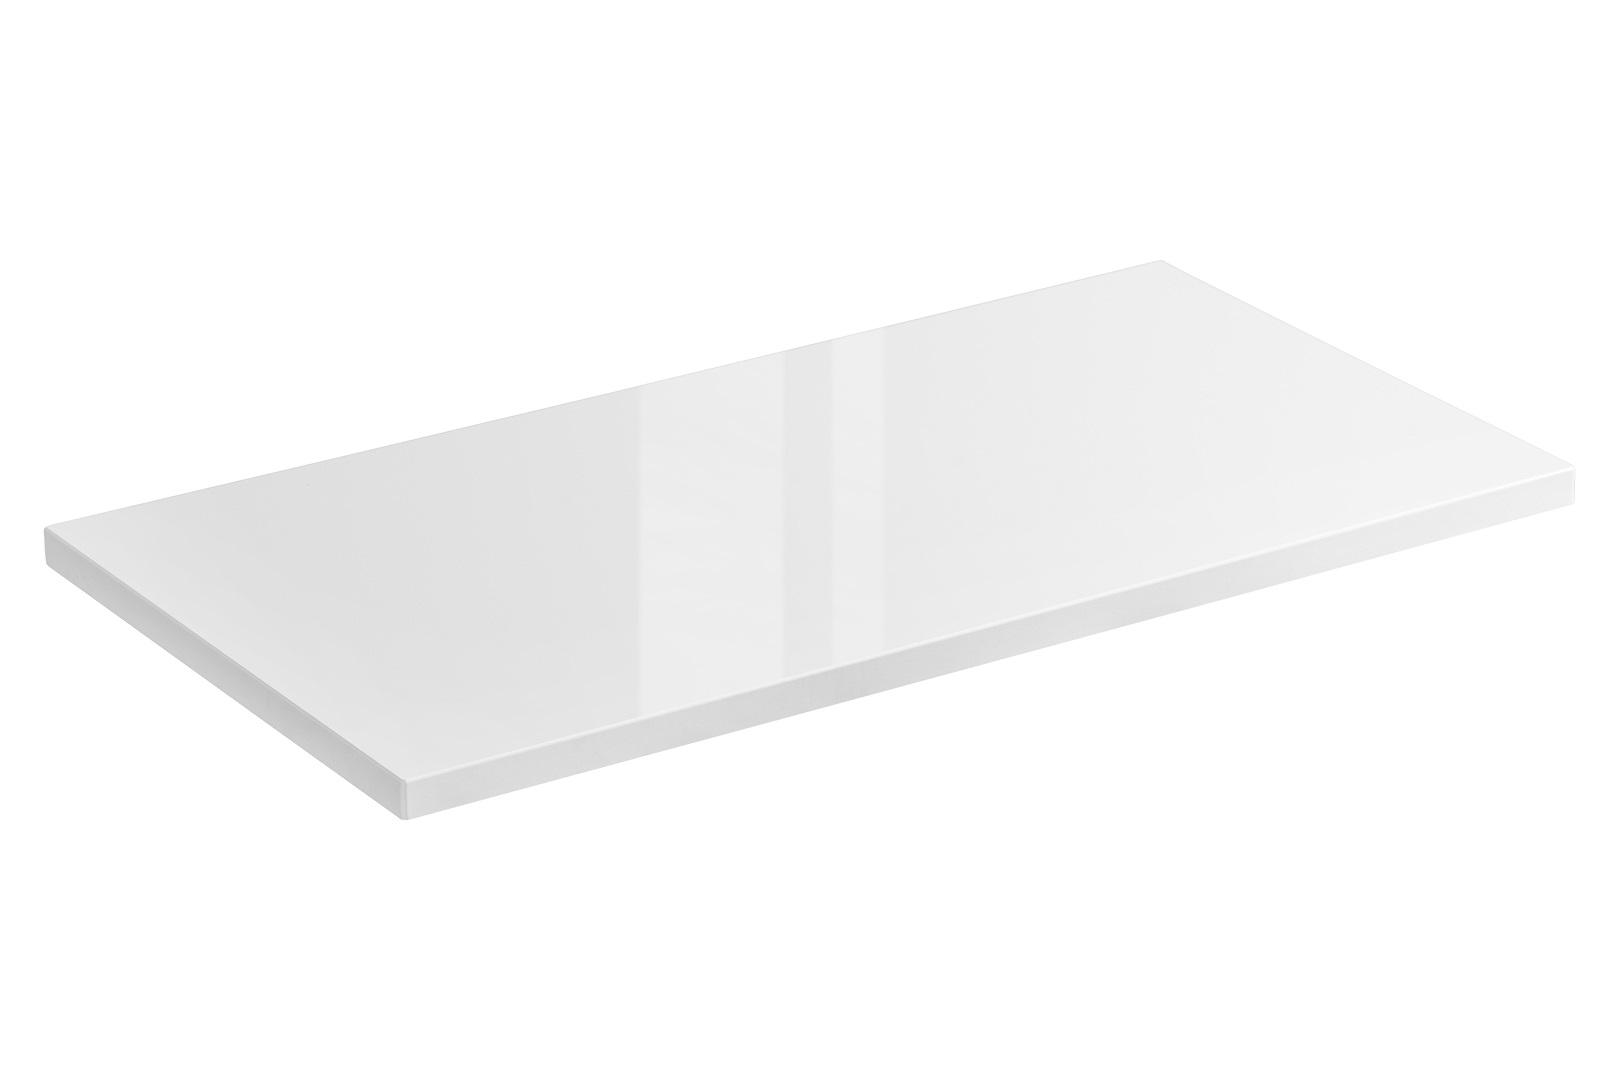 ArtCom Doska pod umývadlo Capri / biela Capri   biela: Doska pod umývadlo 890 - 60 cm